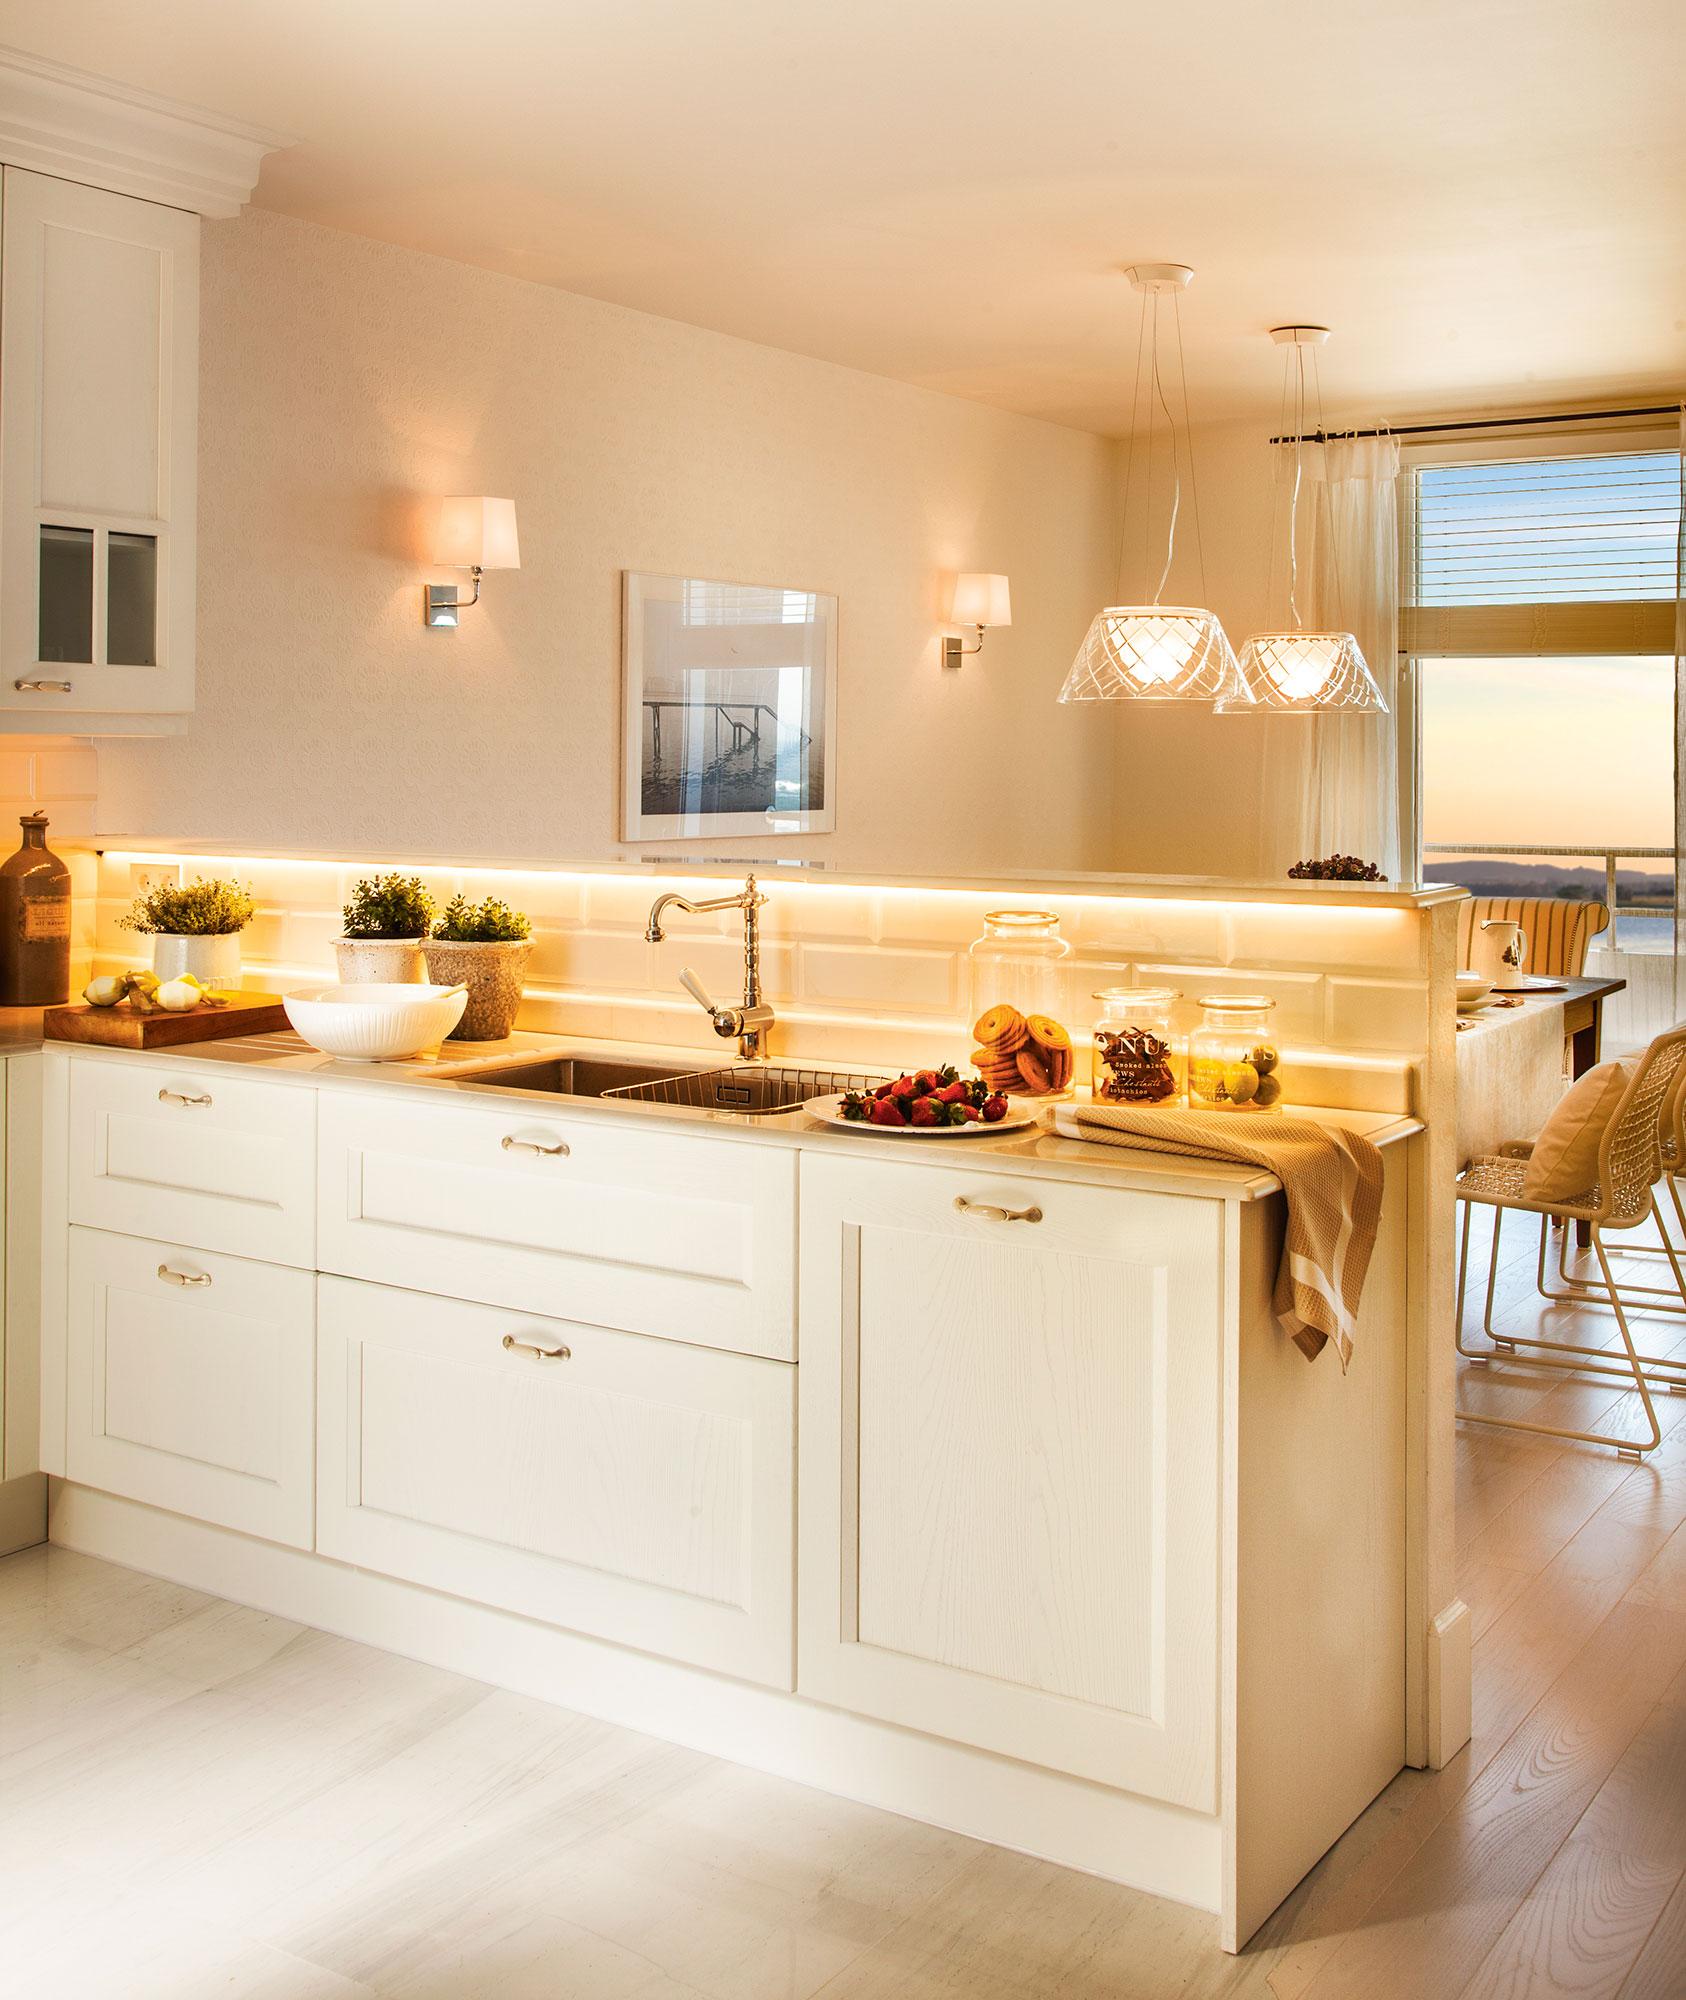 Cuanto puede costar una cocina completa excellent cuanto - Cuanto vale una cocina completa ...